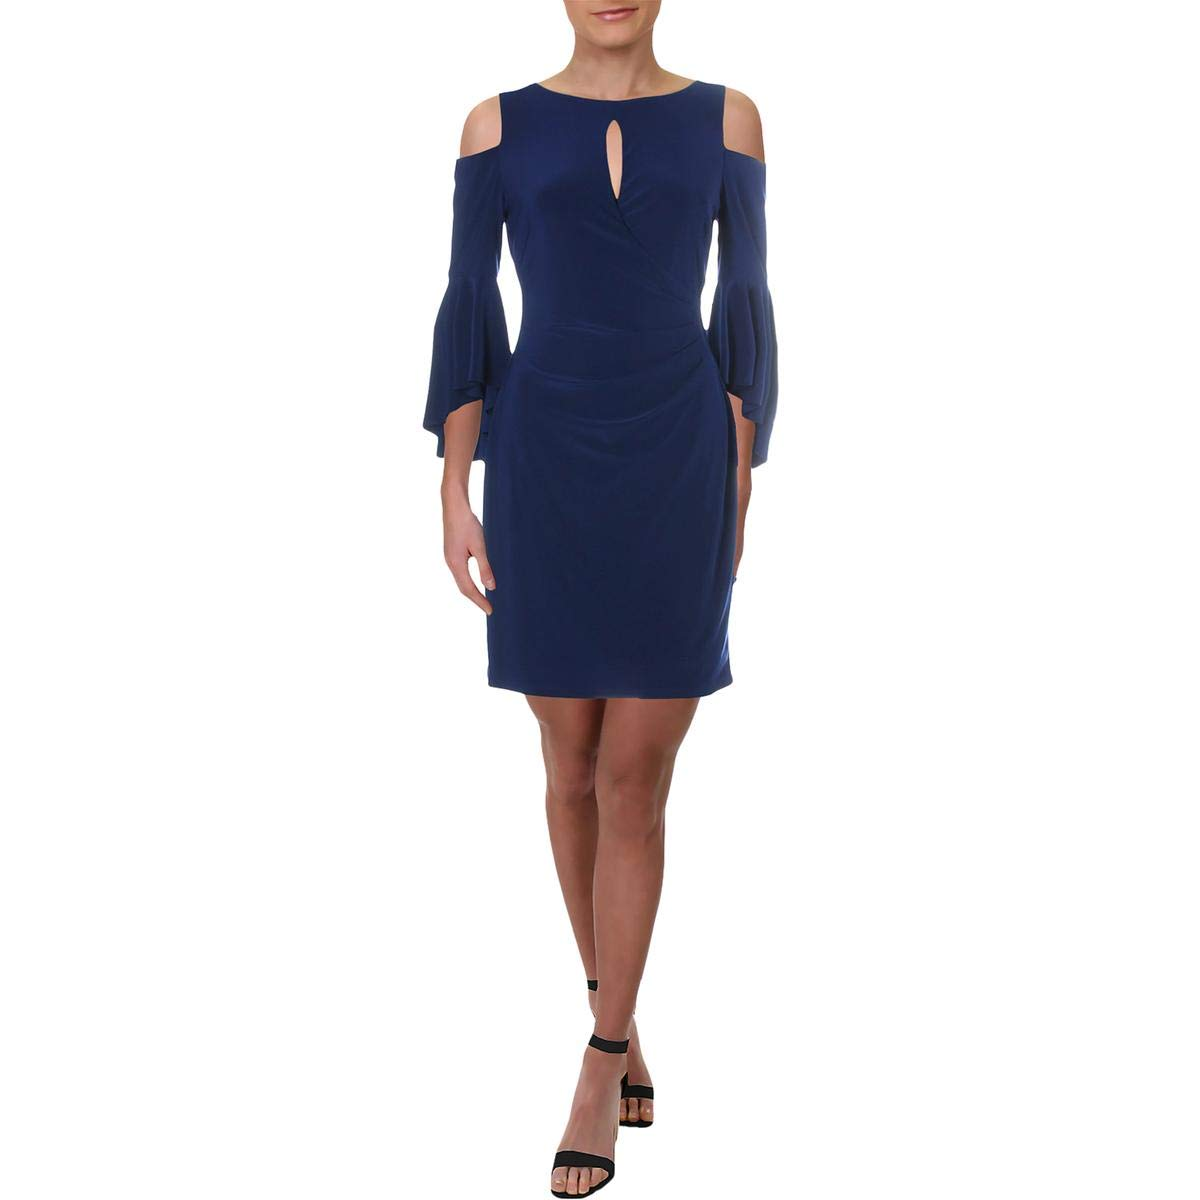 Sapphire Lauren Ralph Lauren Womens Petites ColdShoulder Keyhole Cocktail Dress